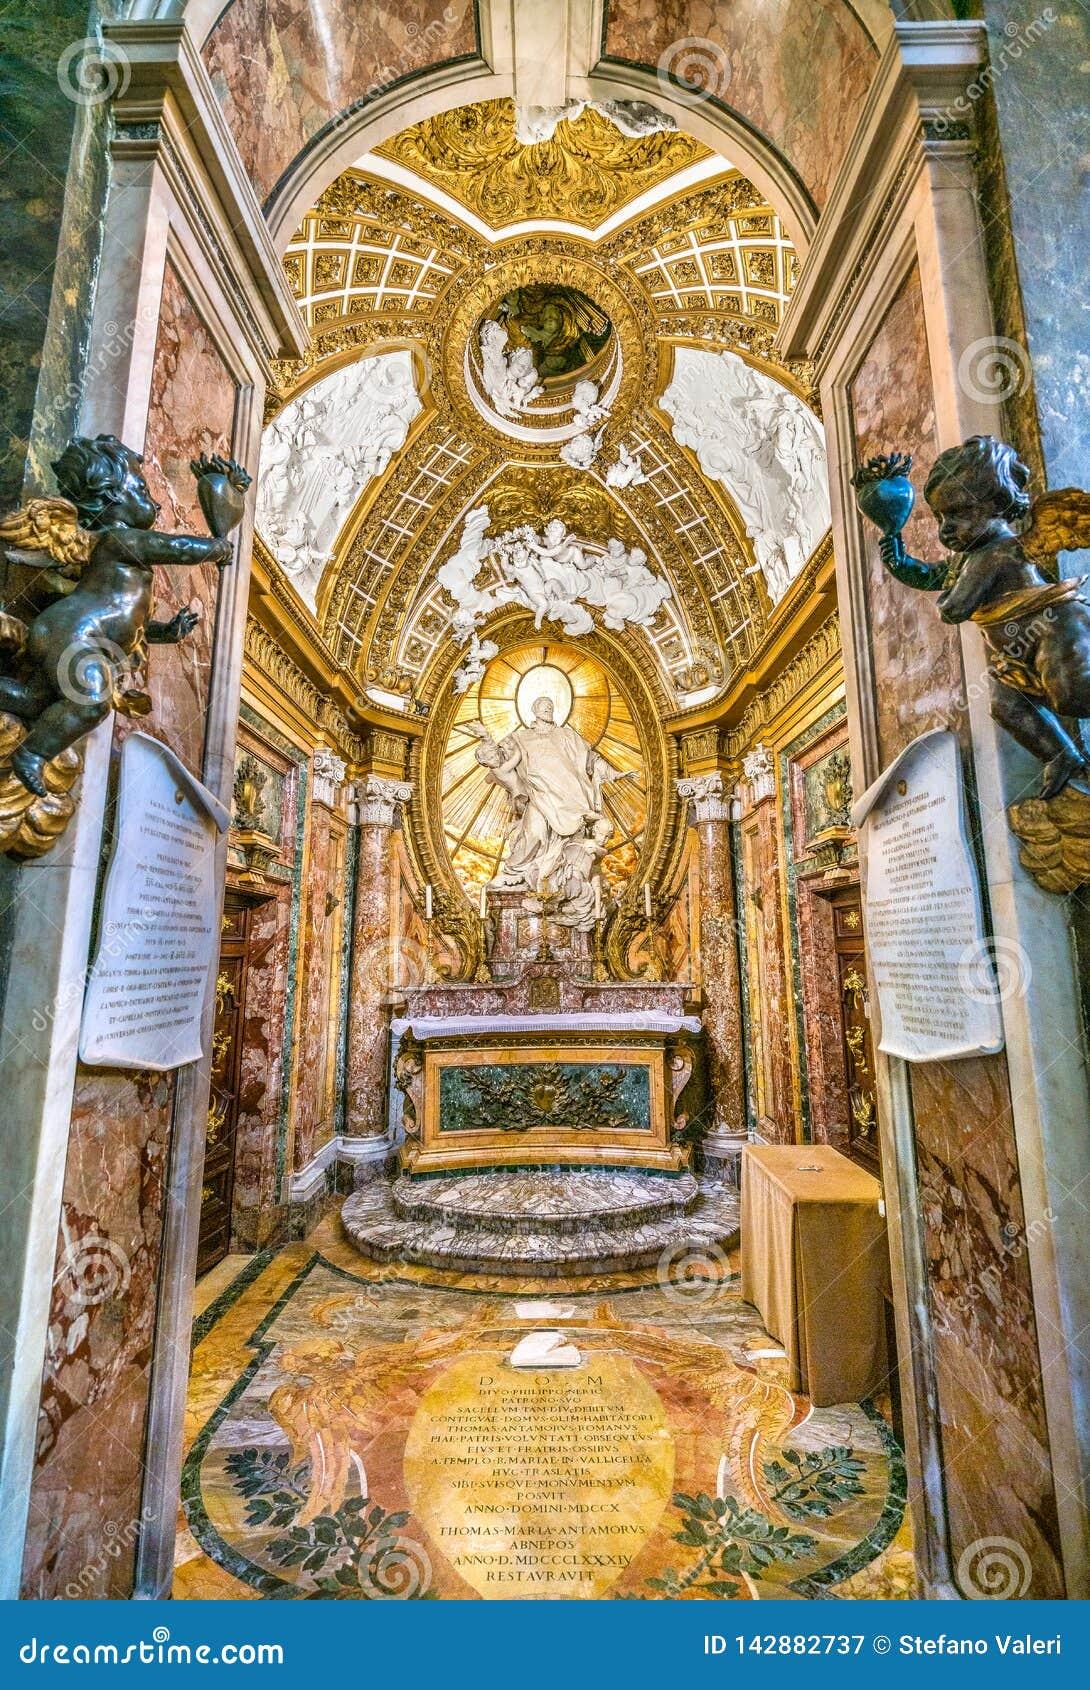 Παρεκκλησι Antamoro ή παρεκκλησι της εκκλησίας Αγίου Philip Neri του della Carità SAN Girolamo στη Ρώμη, Ιταλία